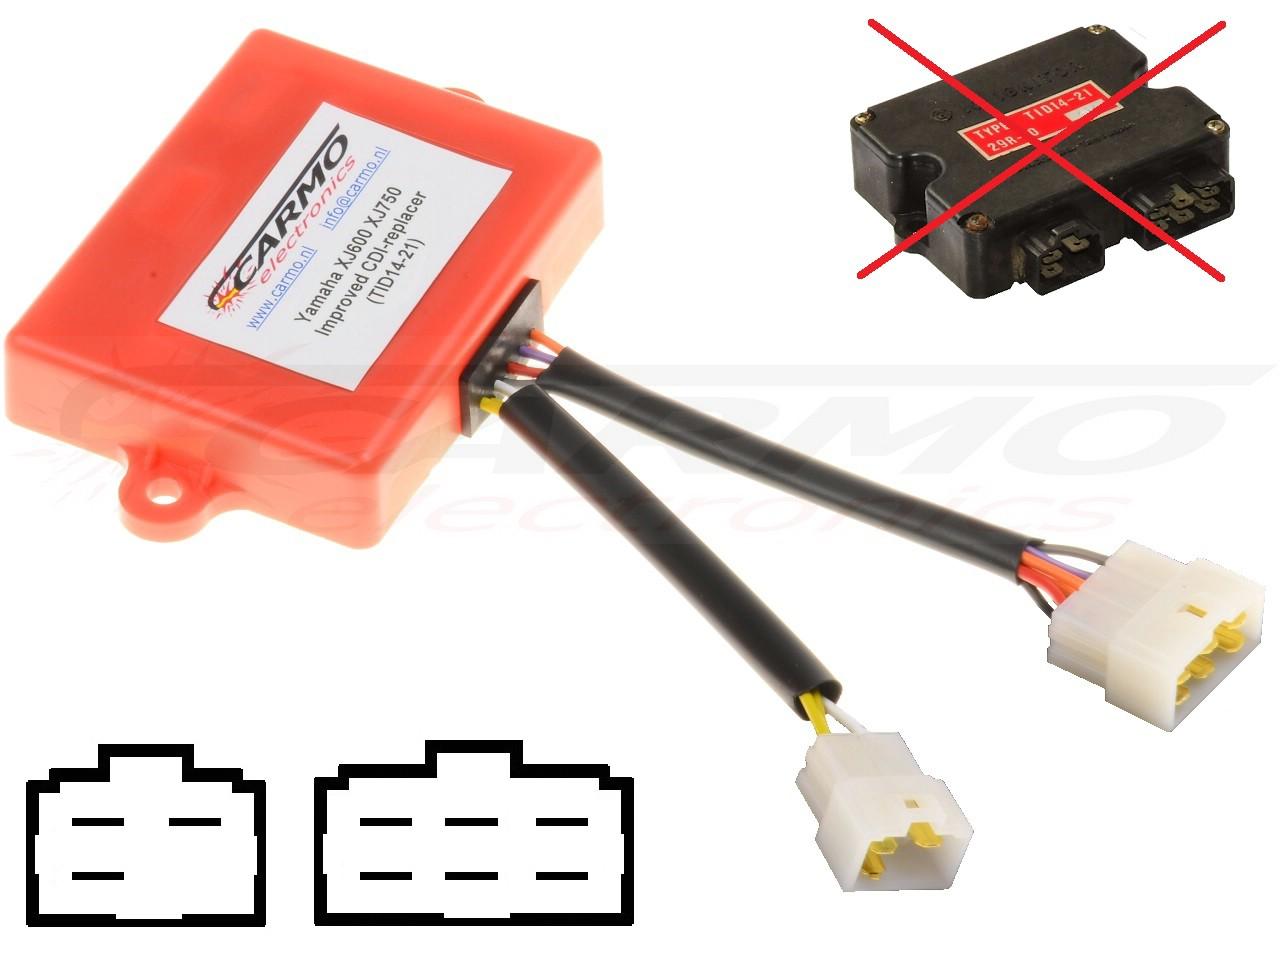 hight resolution of yamaha xj750 xj750f cdi igniter tid14 21 29r 10 xj750 cdi tid14 larger image tci wiring diagram